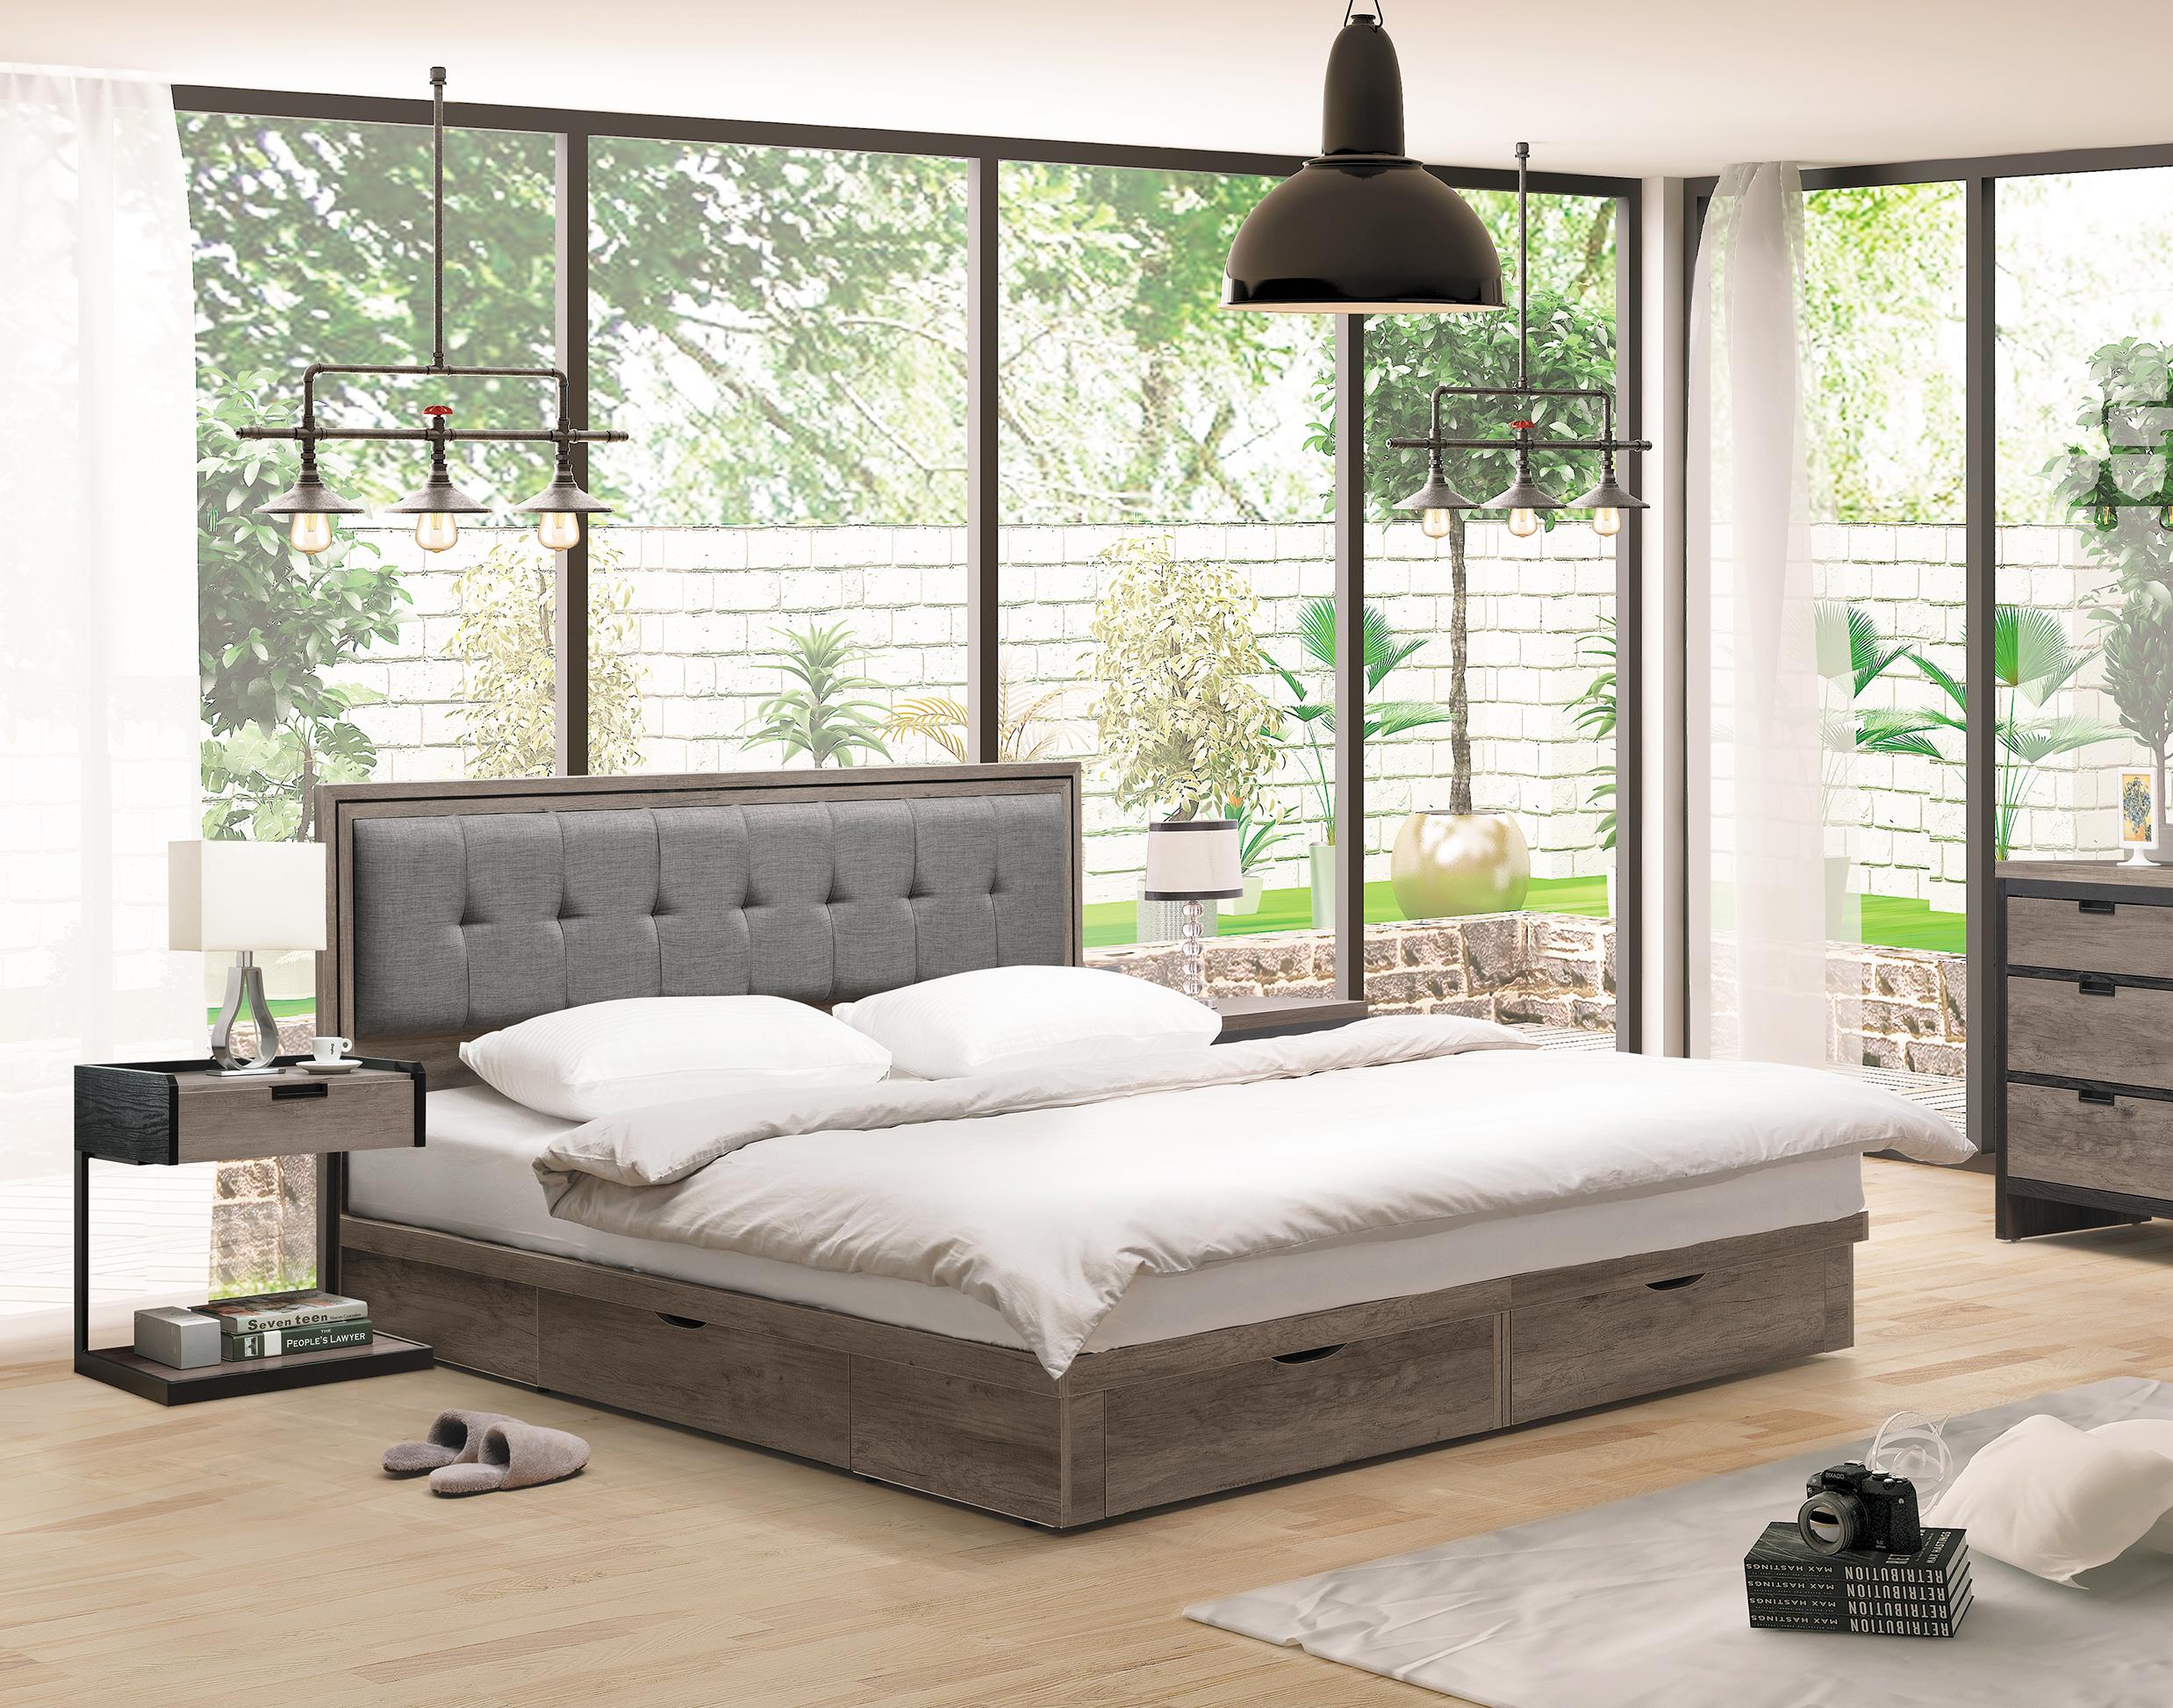 【 尚品傢俱】HY-B061-07 艾美古橡色3.5尺床頭片 / 5尺床頭片 / 6尺床頭片